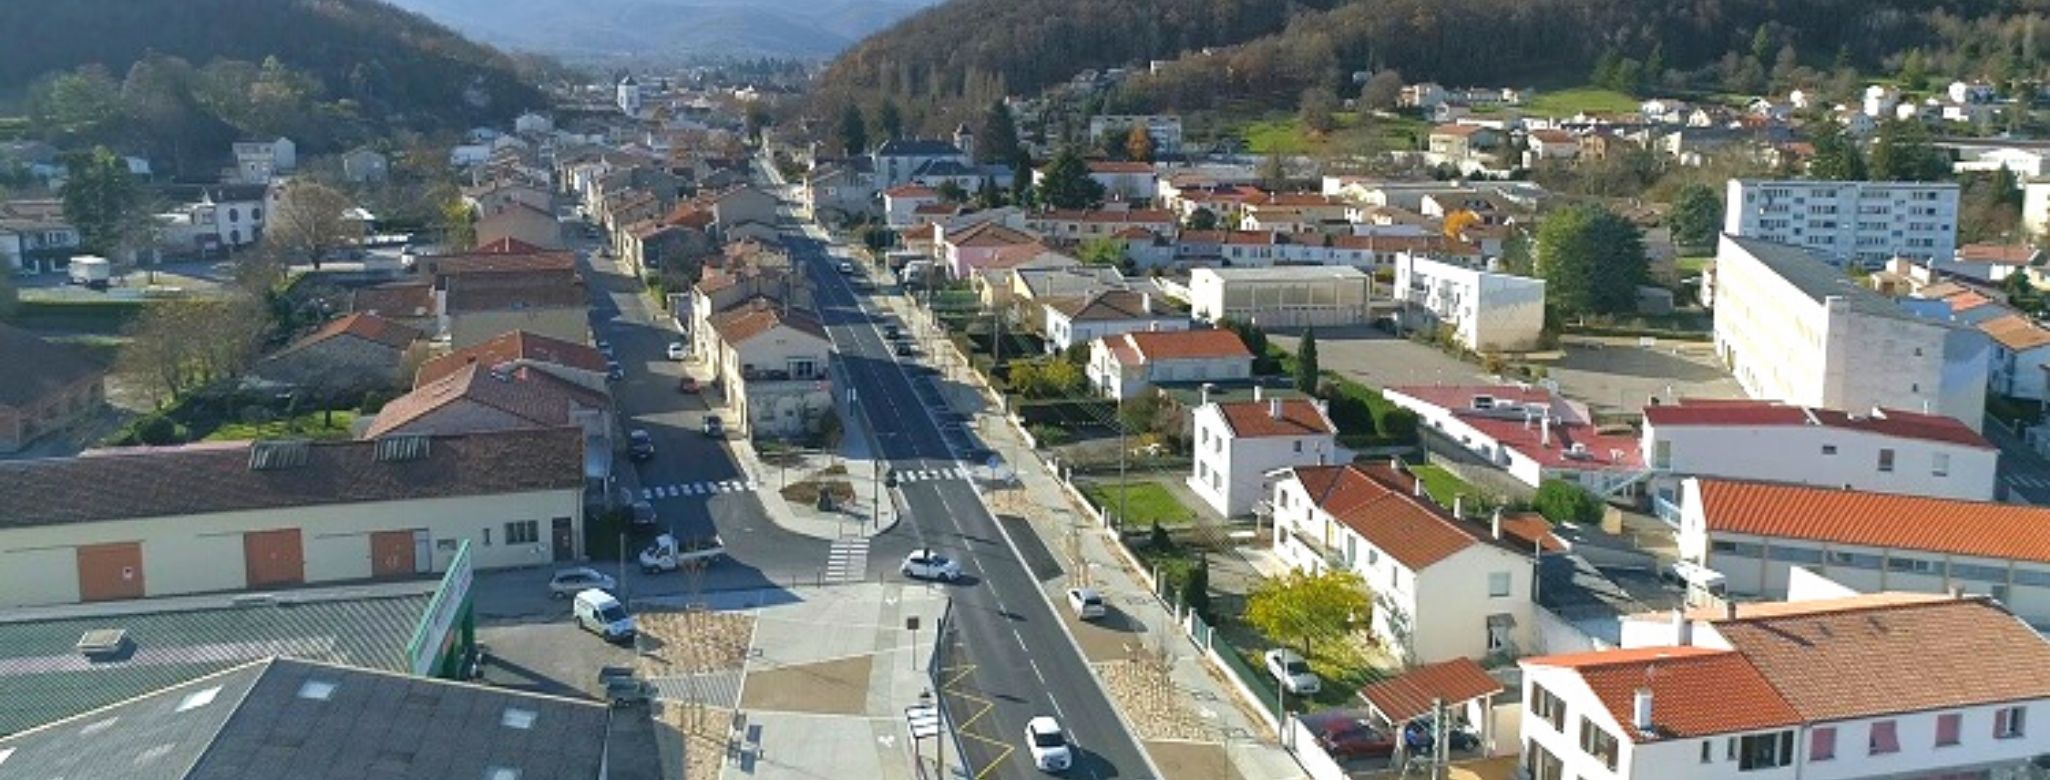 Av. Alsace Lorraine